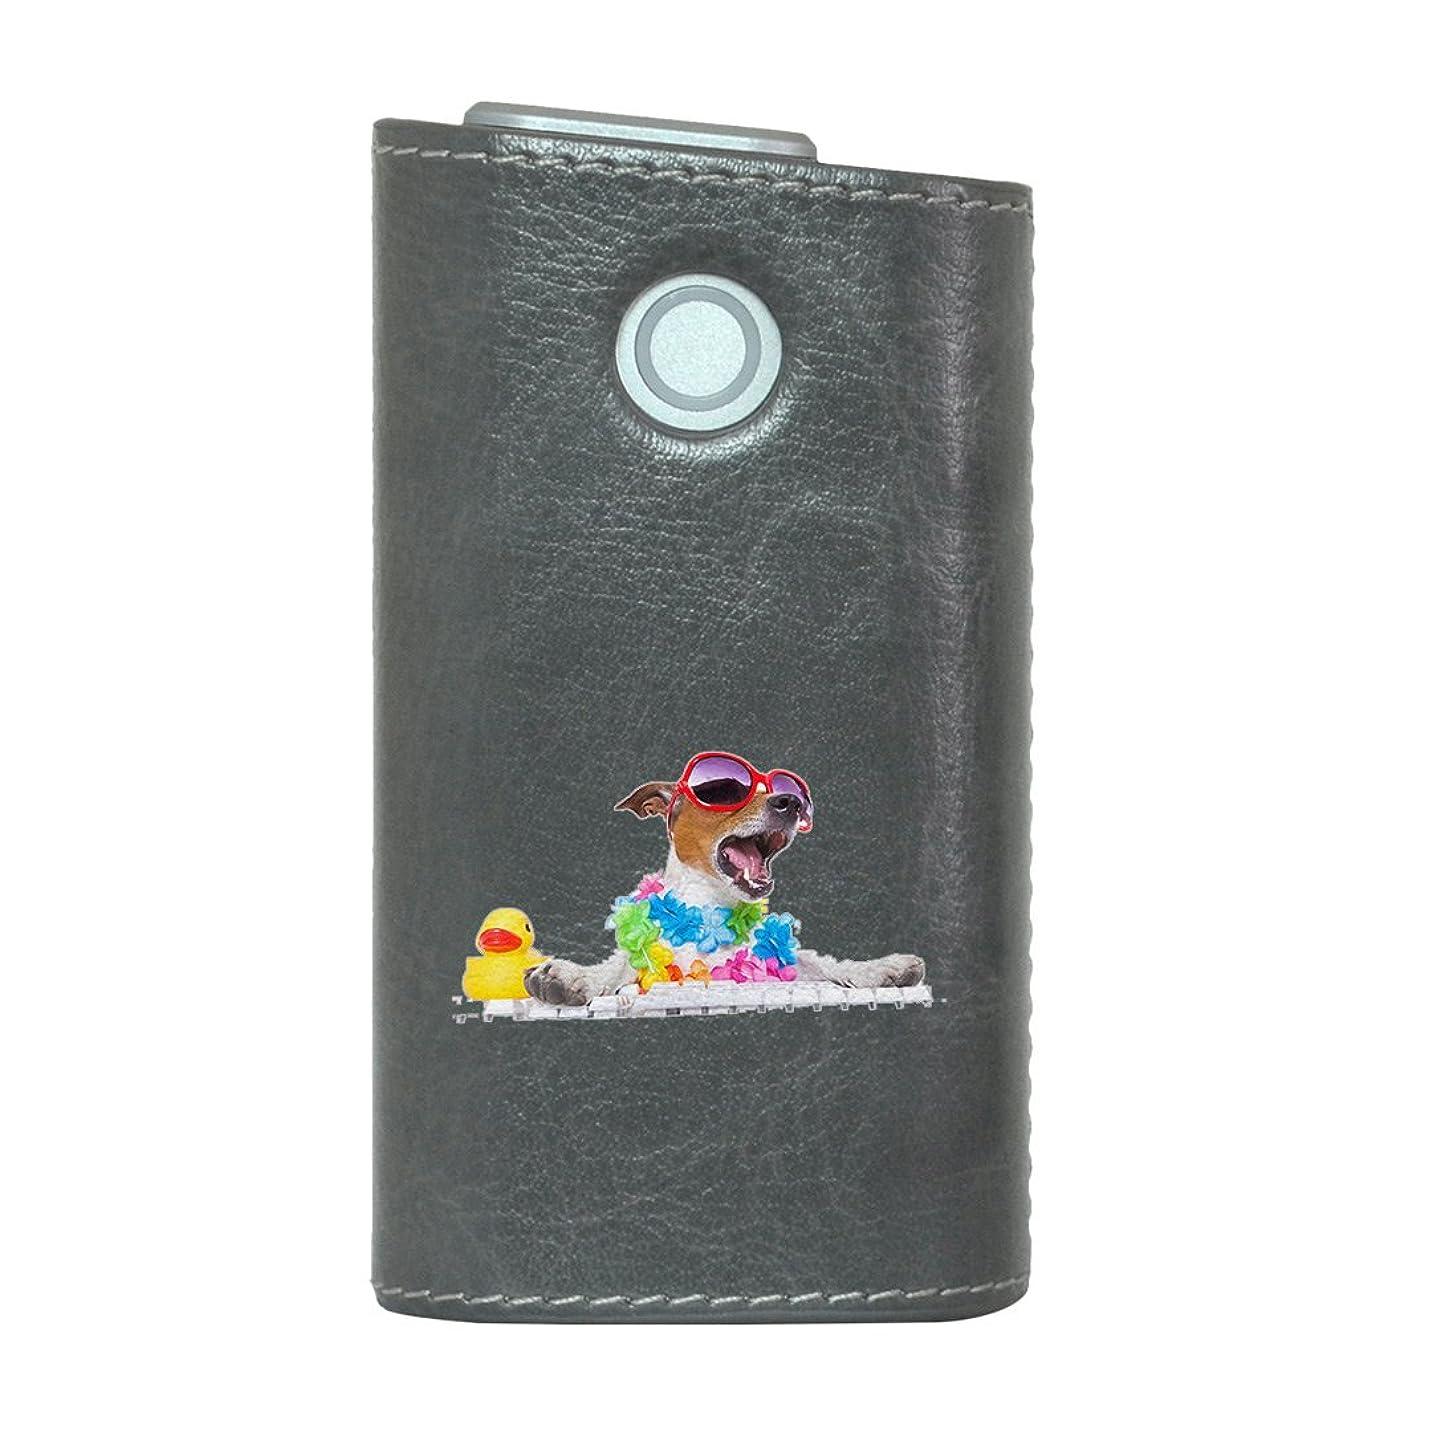 忠誠離す紫のglo グロー グロウ 専用 レザーケース レザーカバー タバコ ケース カバー 合皮 ハードケース カバー 収納 デザイン 革 皮 GRAY グレー アニマル 写真 カラフル 犬 夏 008914